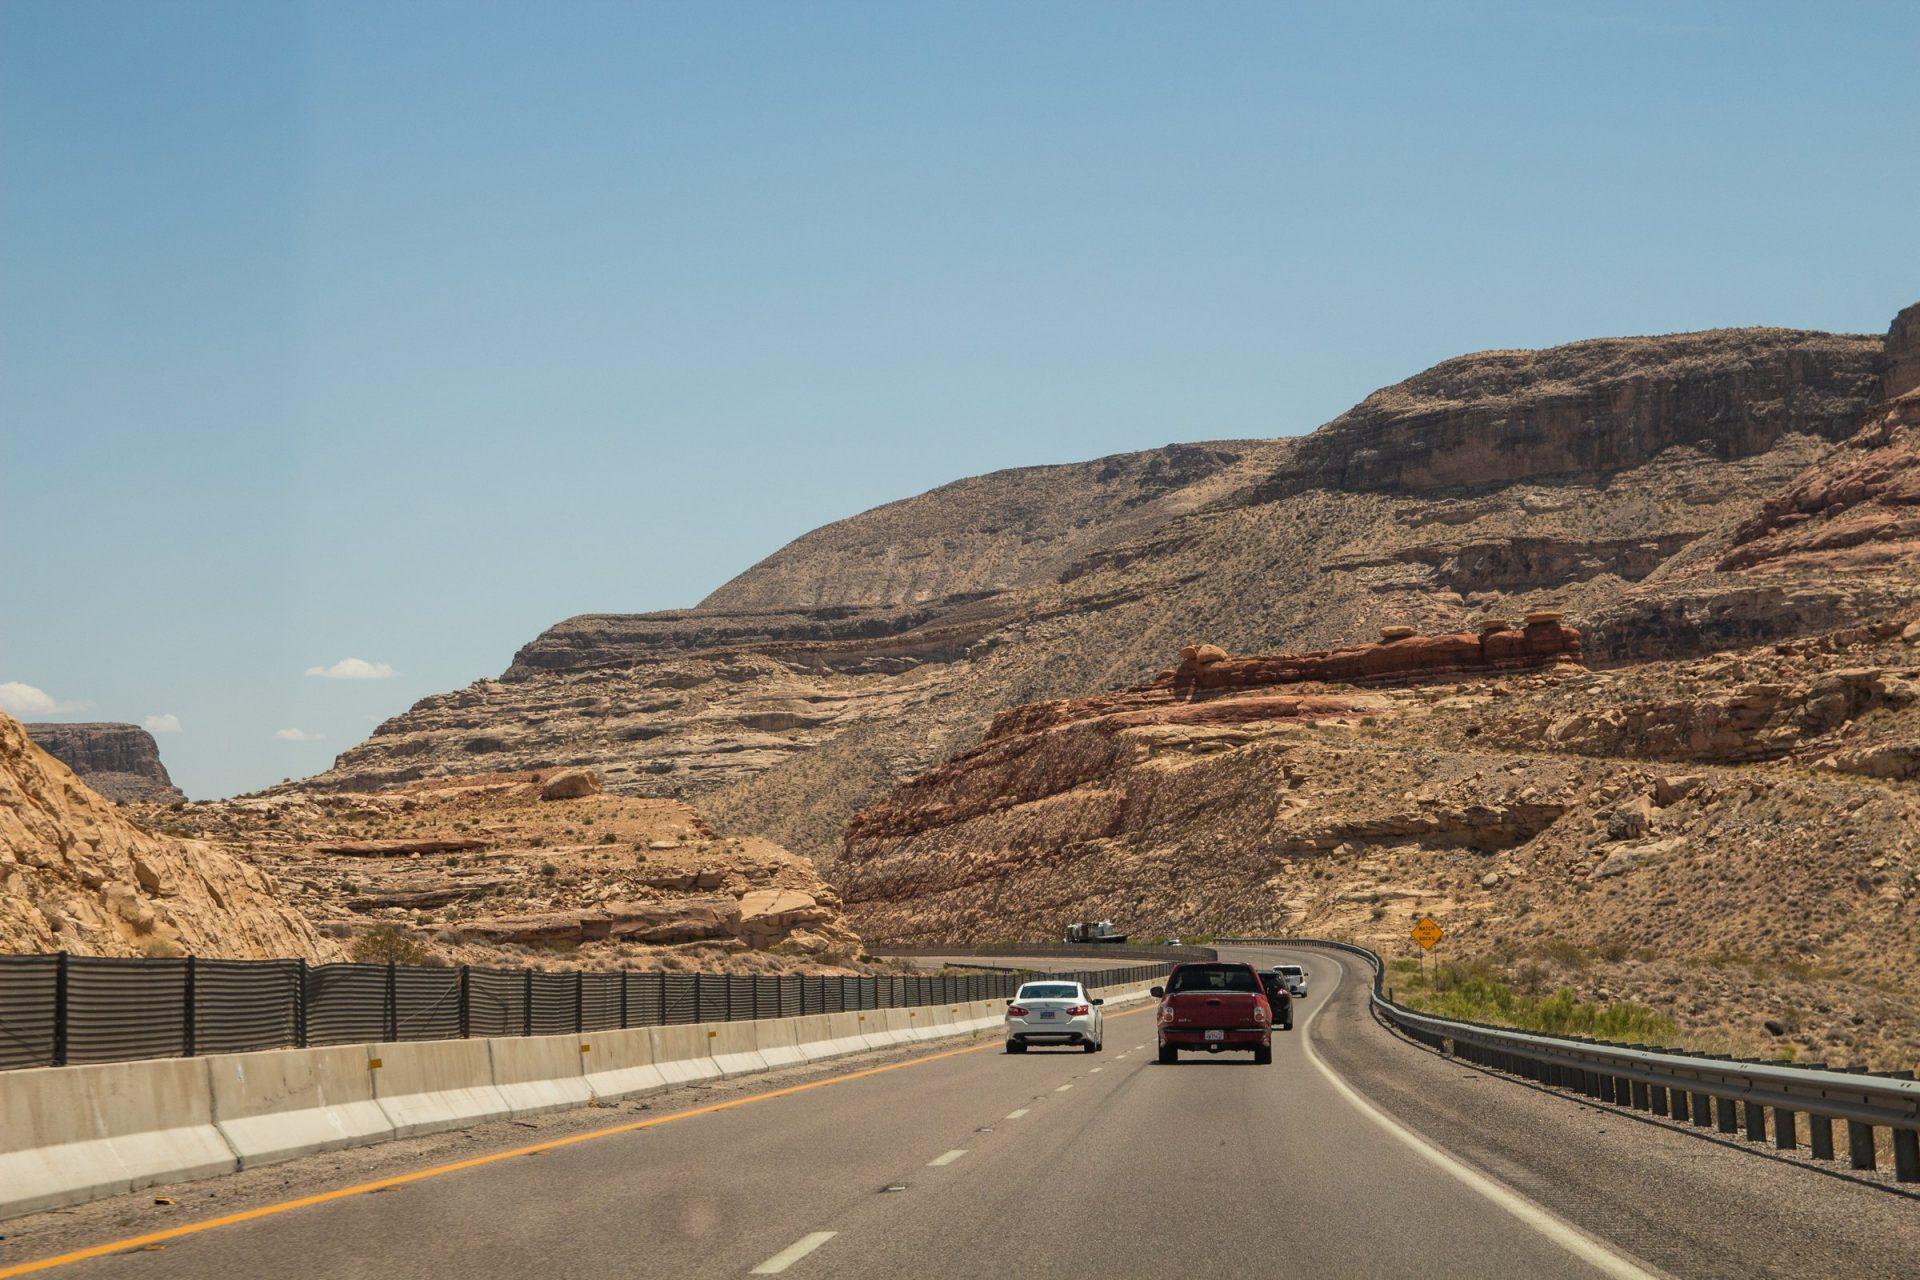 Vehicles In Highway Between Mountains